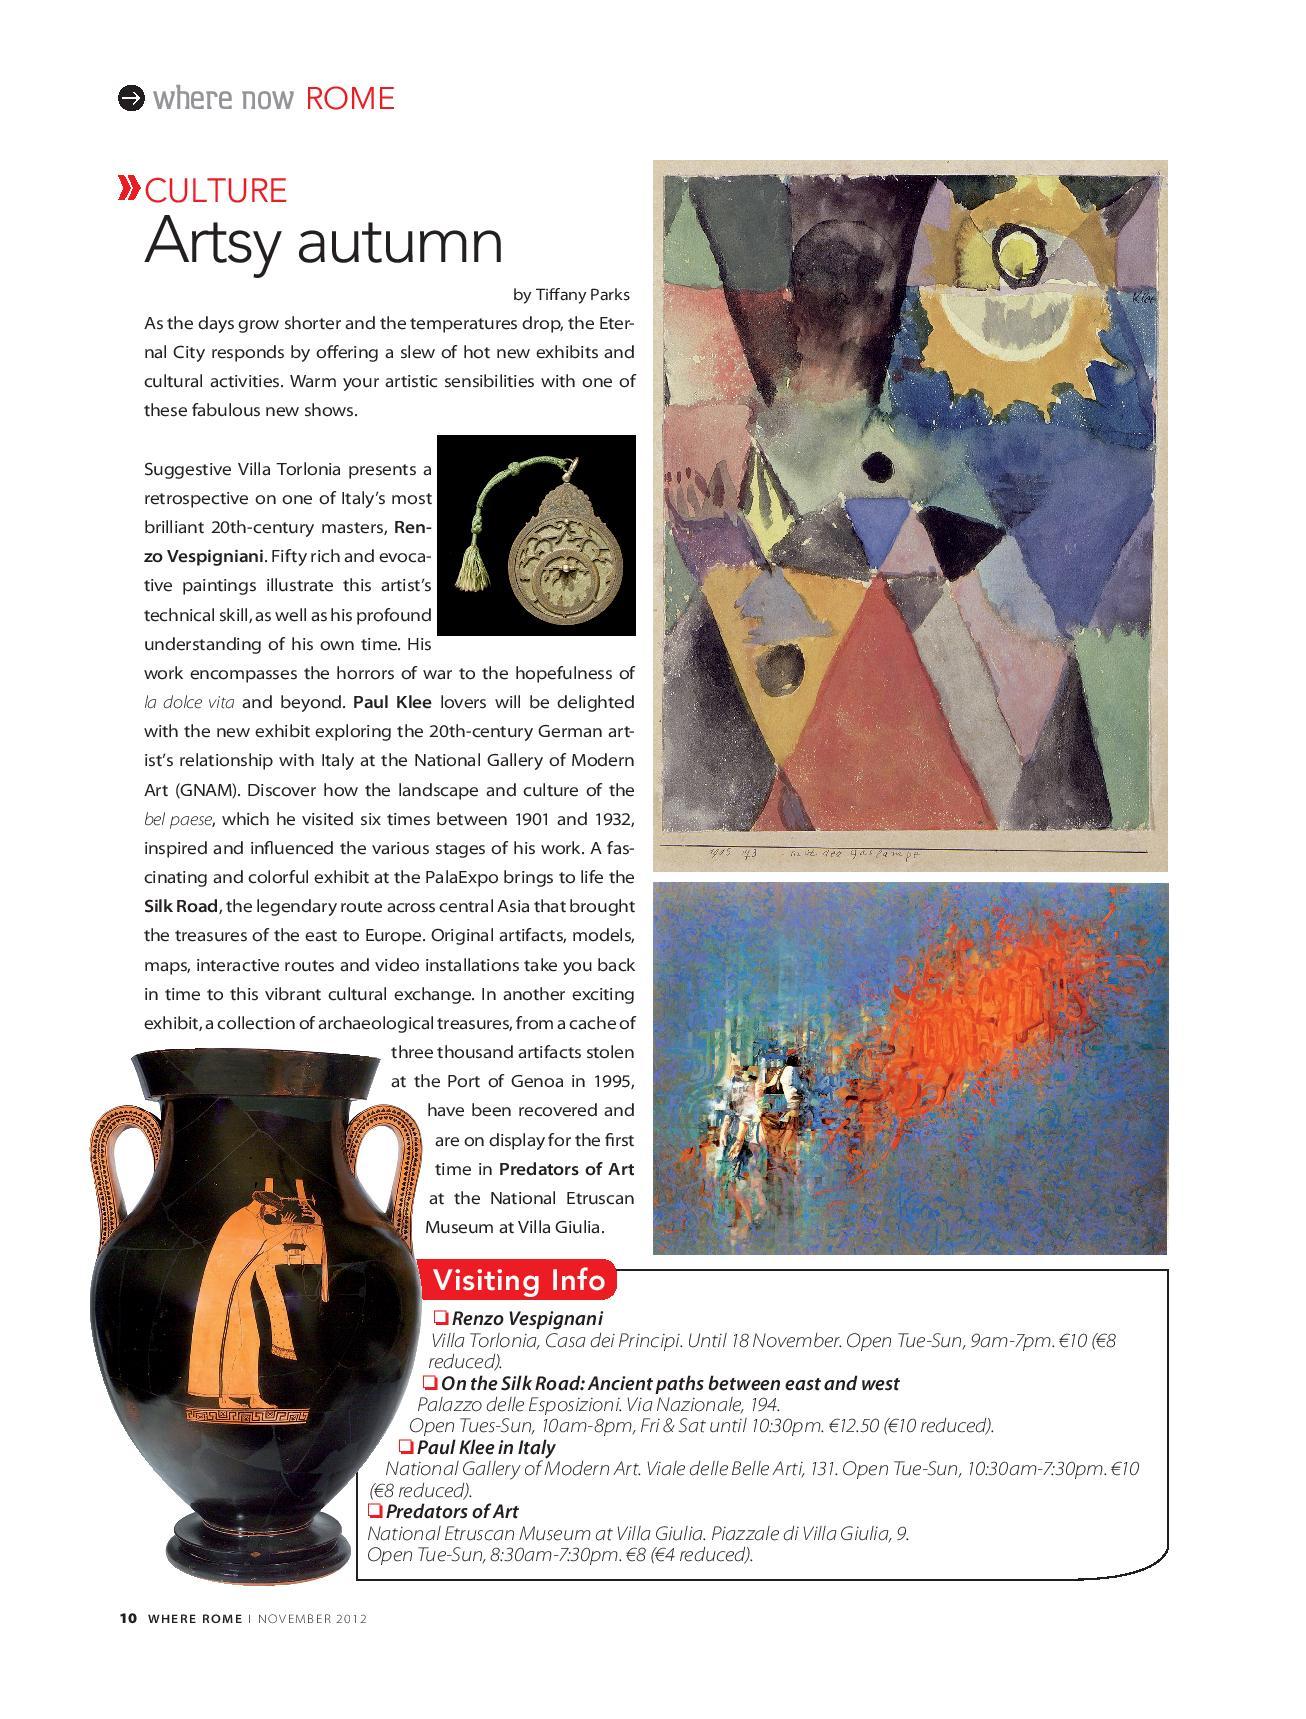 Artsy-autumn-where-rome-nov-2012-page-001.jpg